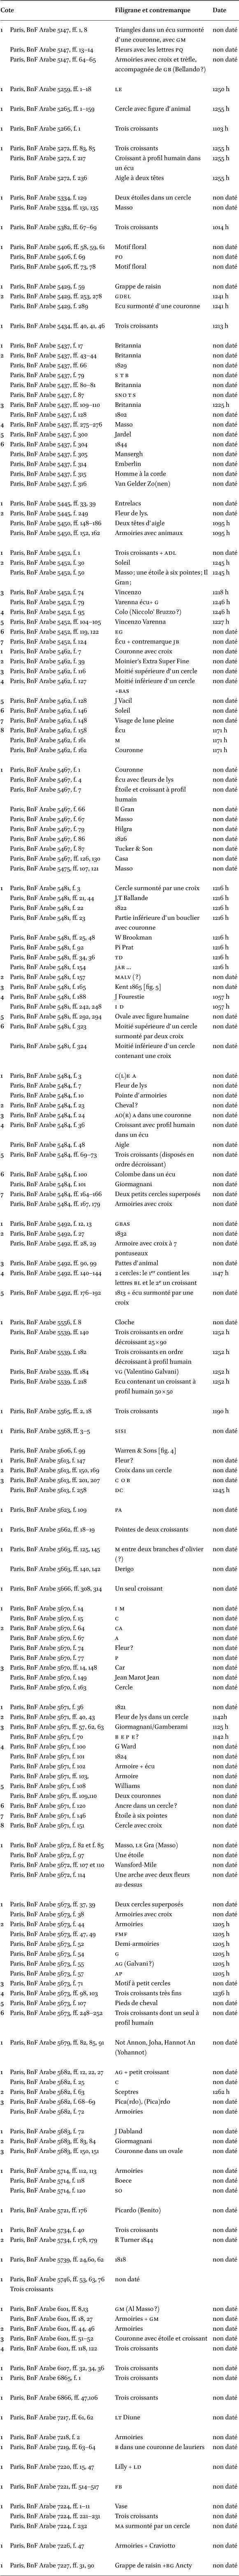 arabe règles de datation Comment puis-je me connecter à des serveurs de matchmaking dans cs Go